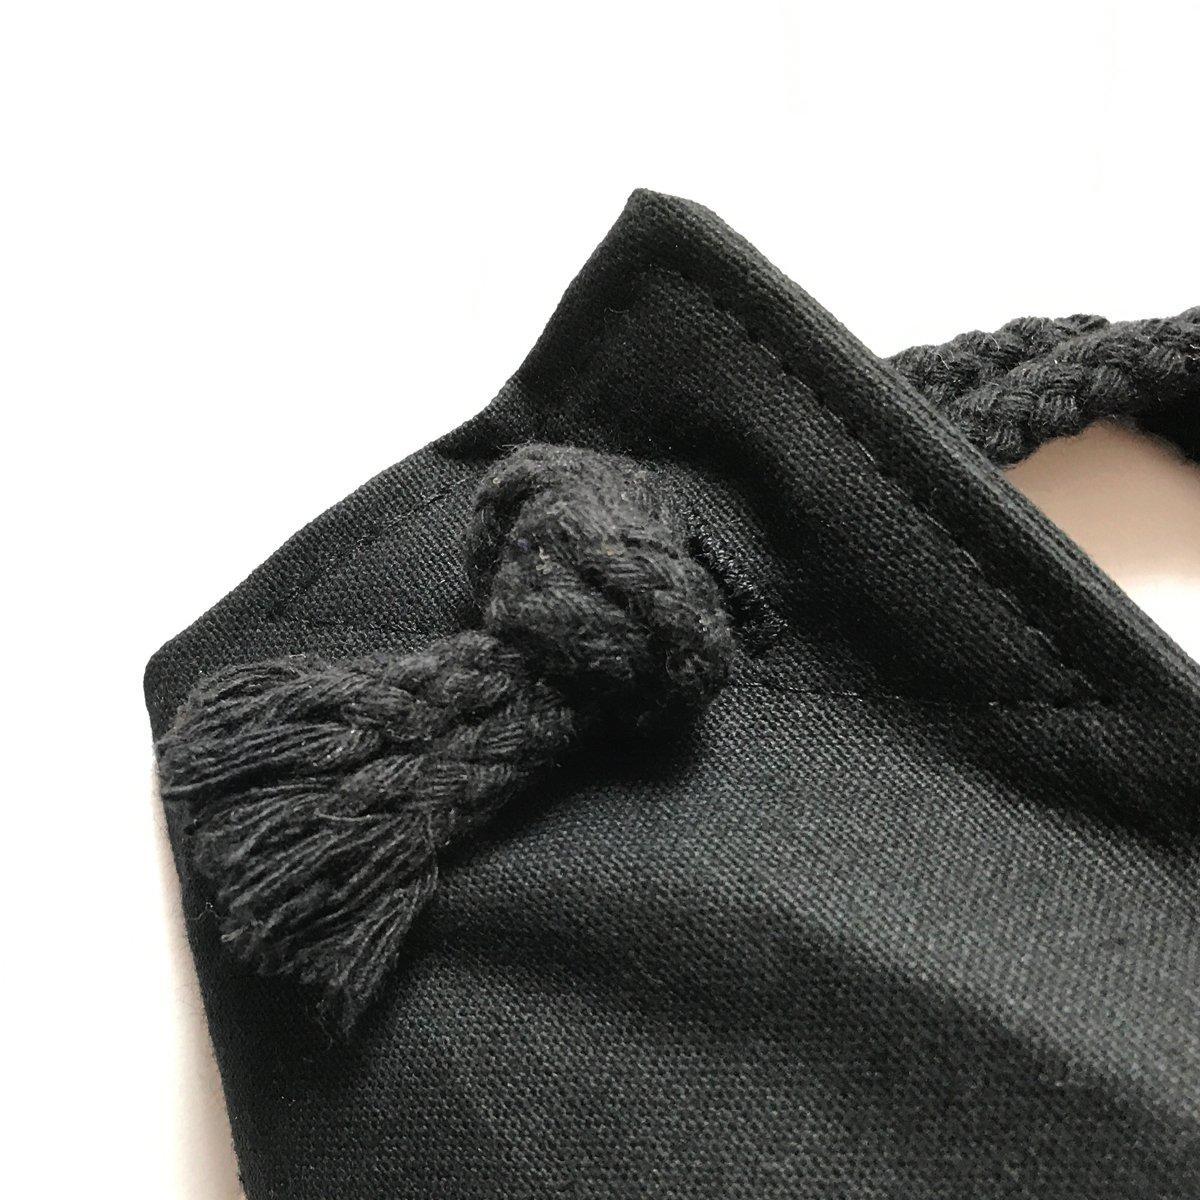 PREMYO Sac /à Dos Cordon Citation Impression Emoji Smiley Pratique en Voyage Ballade /à V/élo Sport Solide Tissu Coutures Propres Coton /Épais Noir